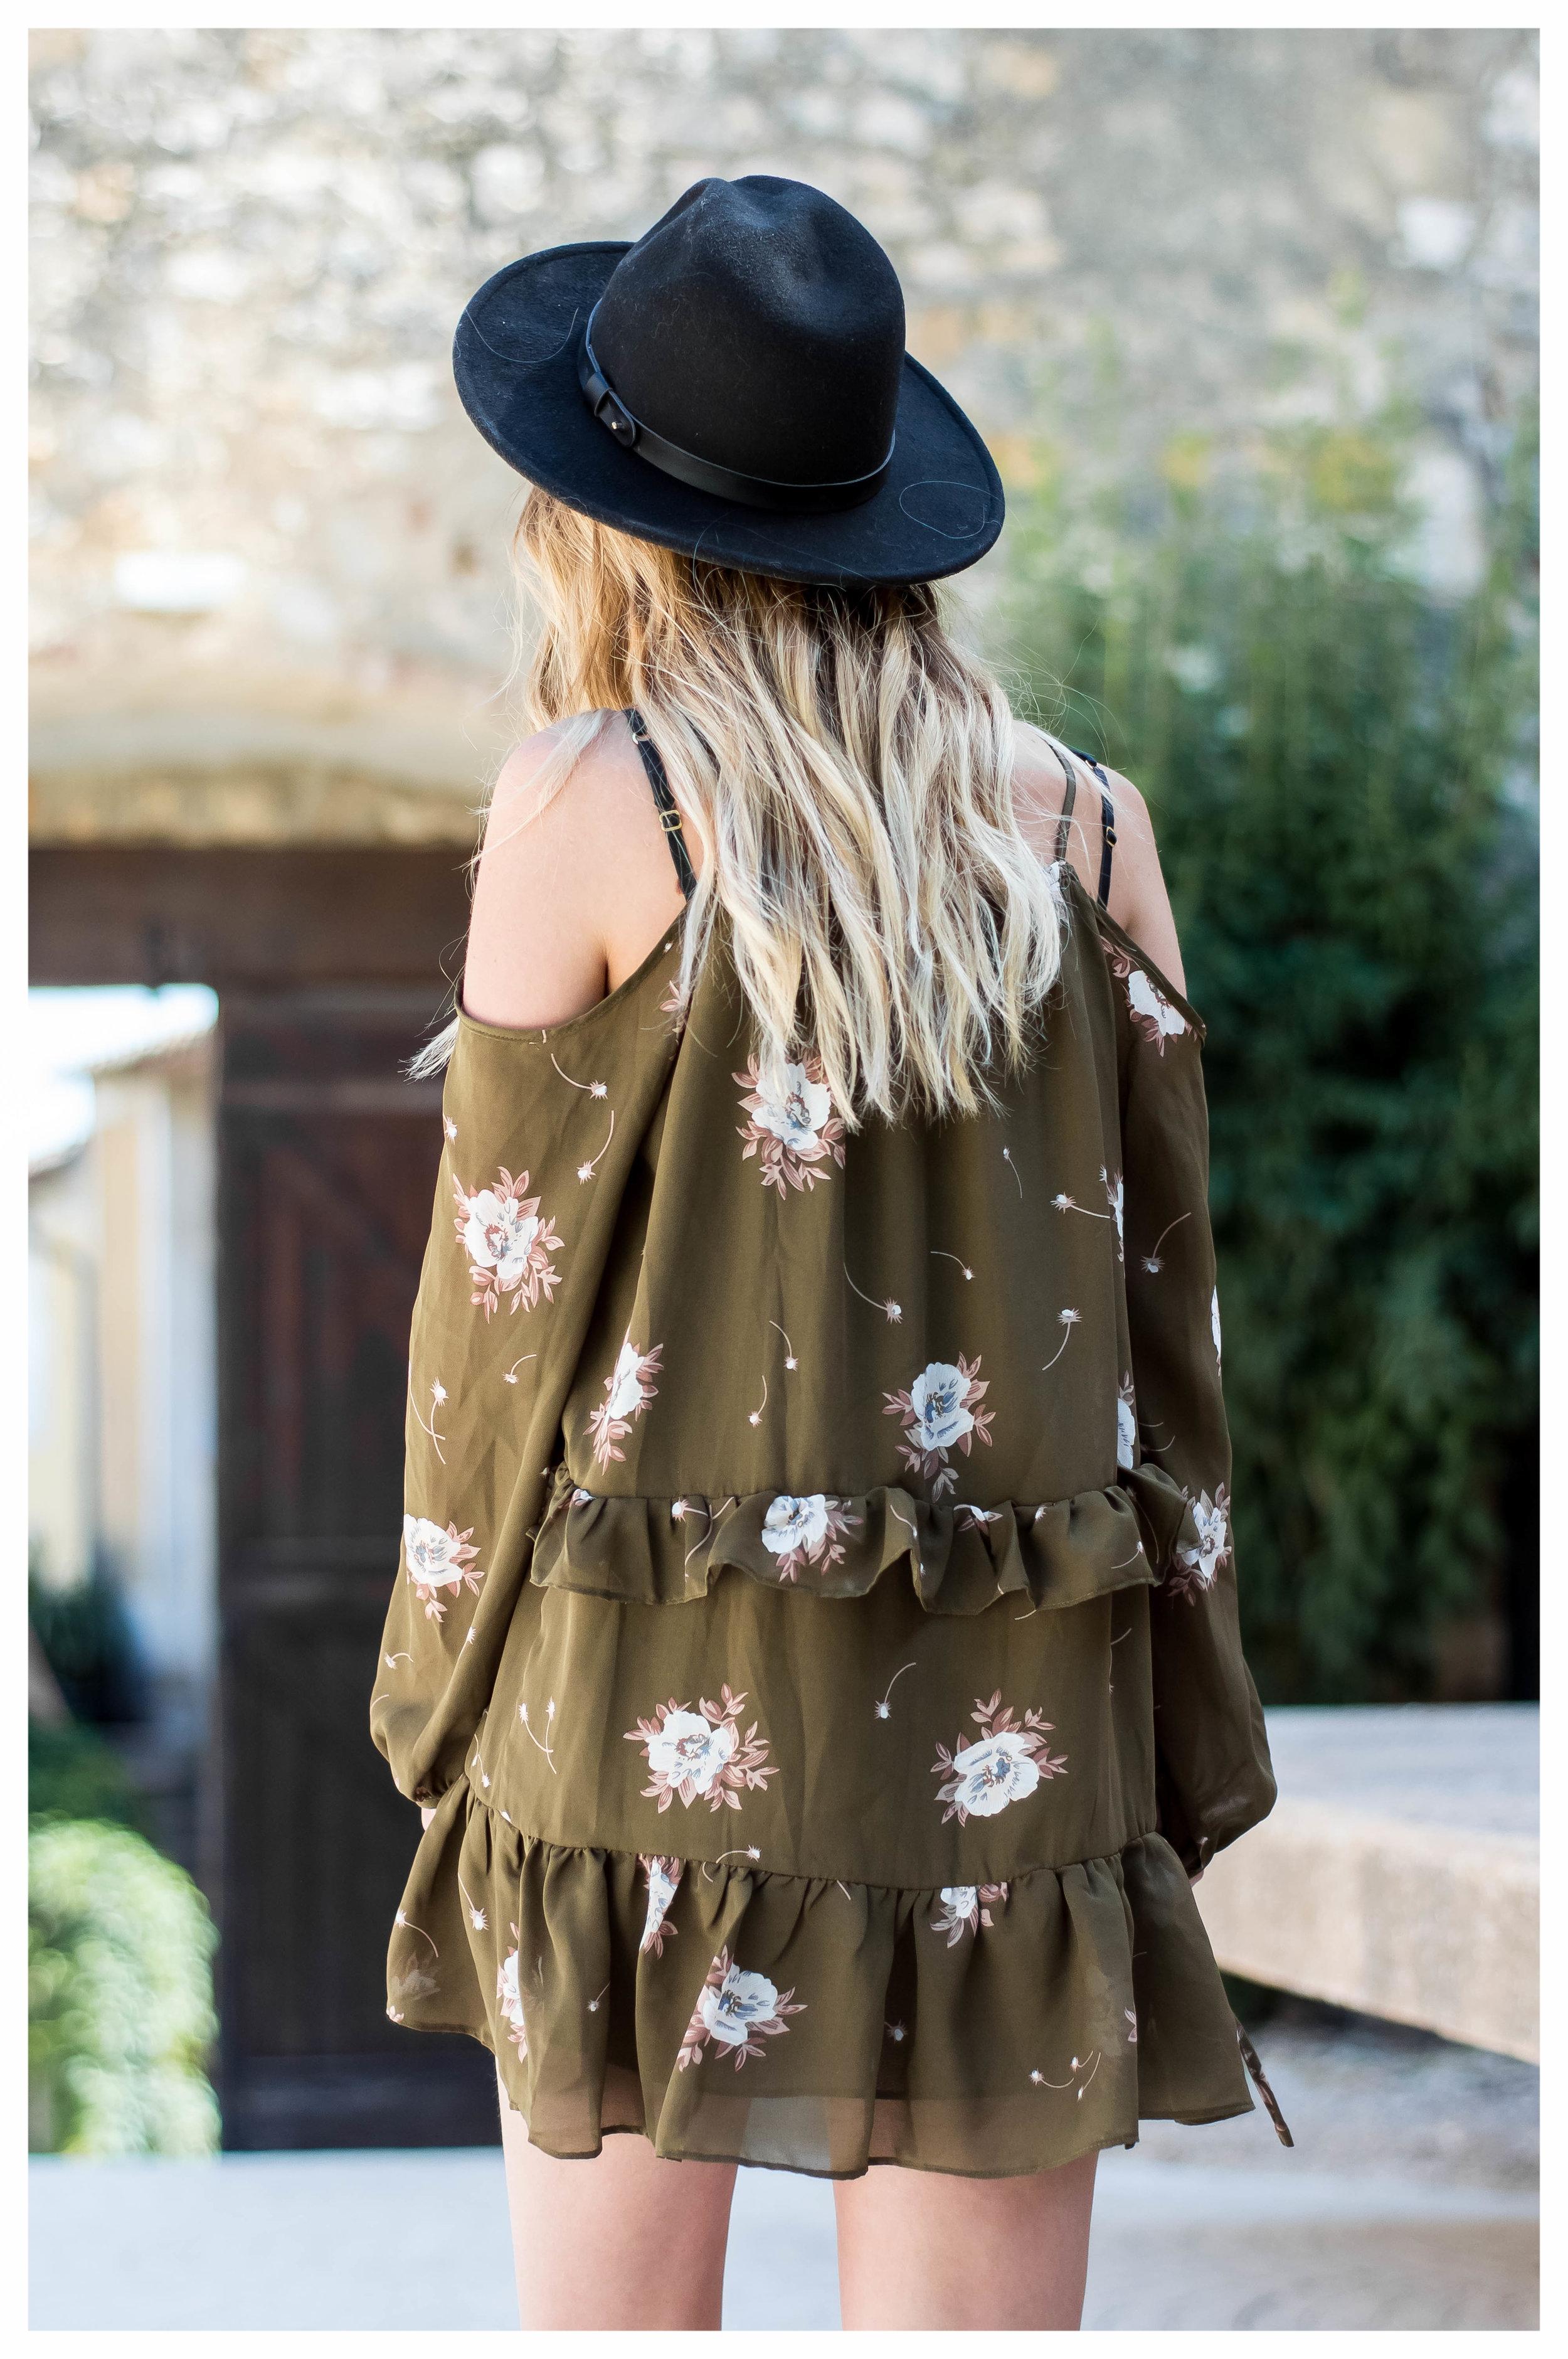 Cornillon Dress June - OSIARAH.COM (12 of 14).jpg